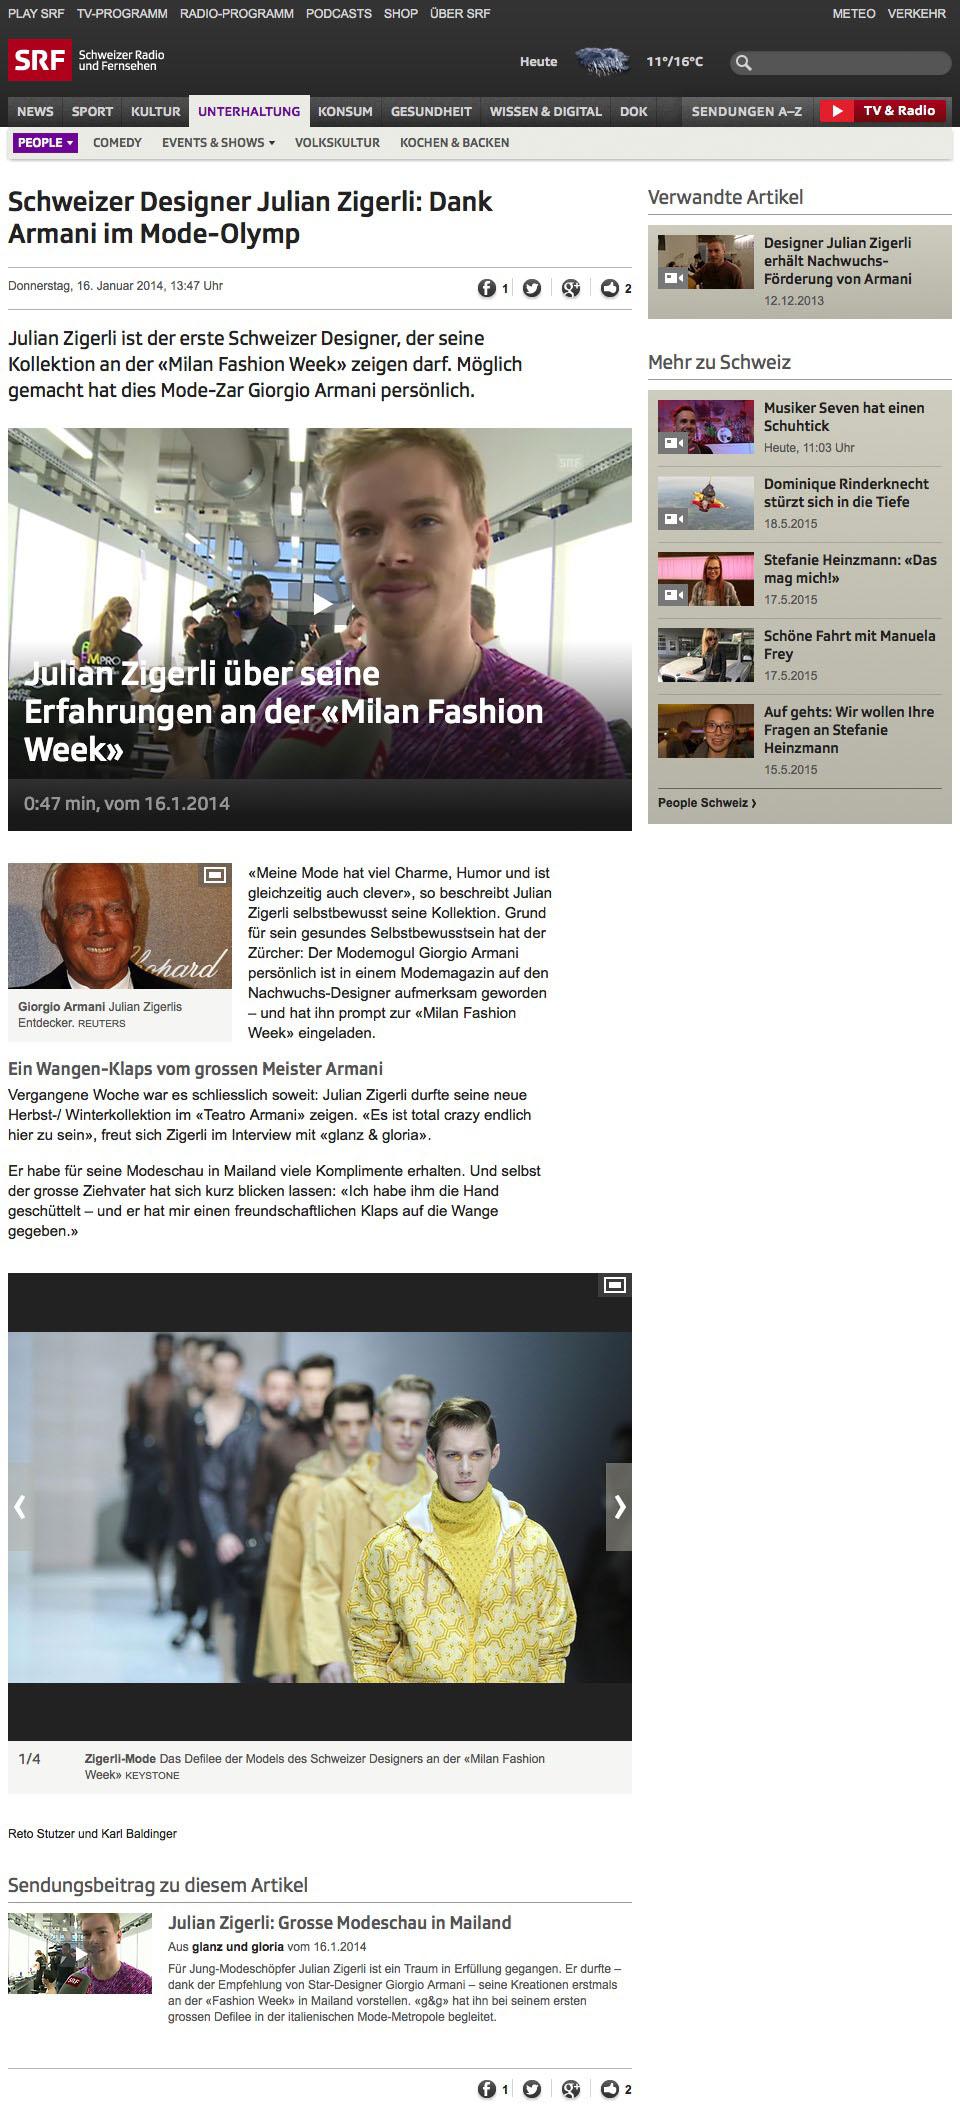 Schweizer Designer Julian Zigerli: Dank Armani im Mode-Olymp - Unterhaltung - Schweizer Radio und Fernsehen